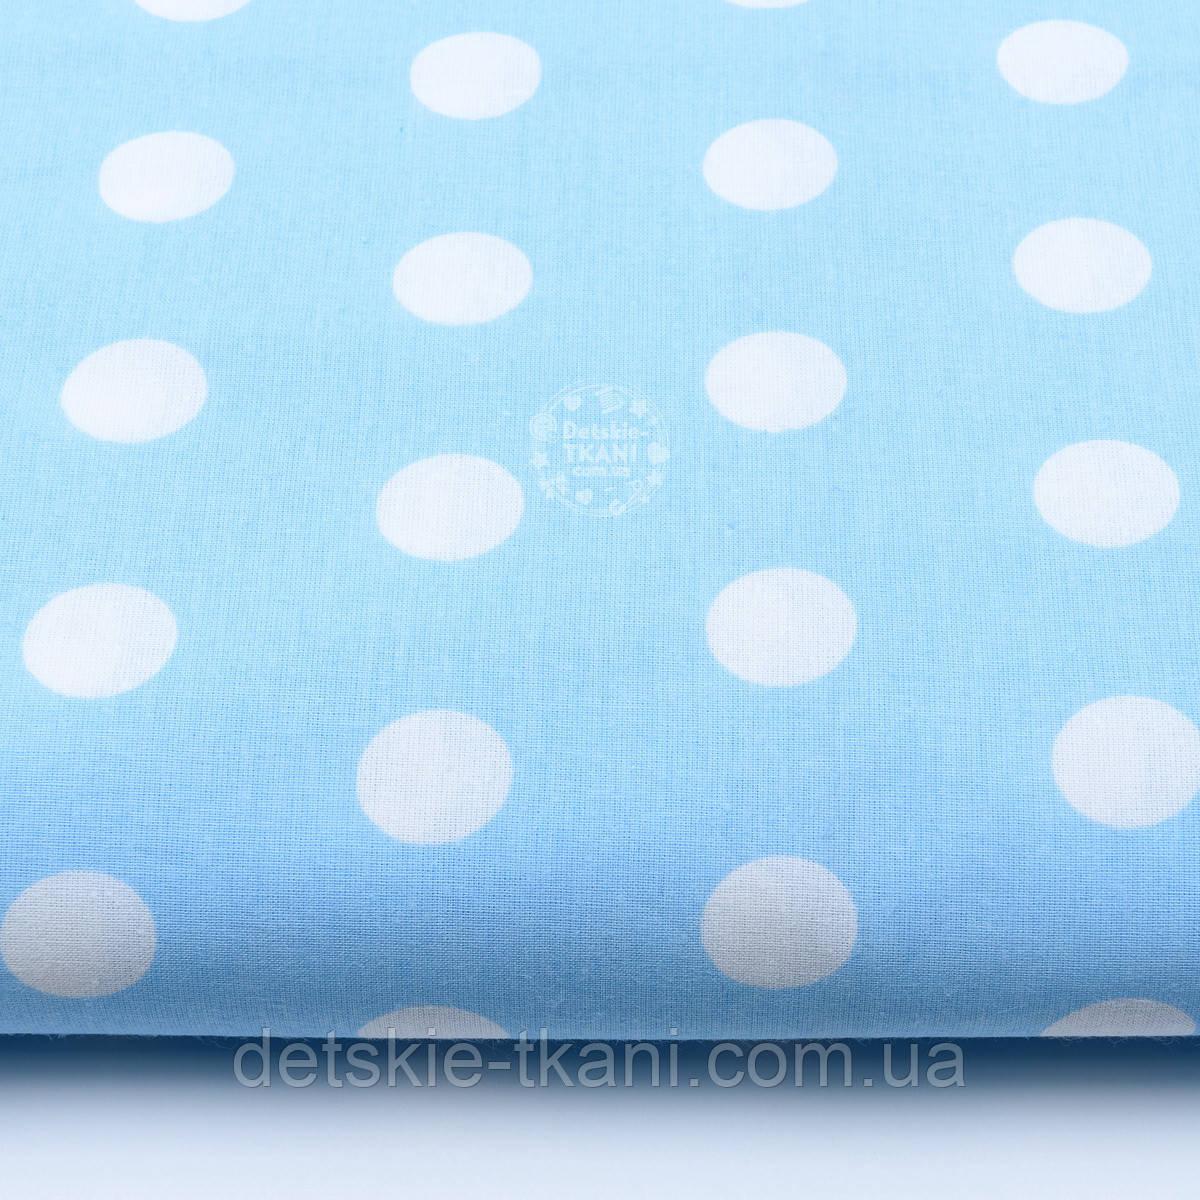 Ткань с белыми горохами 25 мм на голубом фоне (№73)